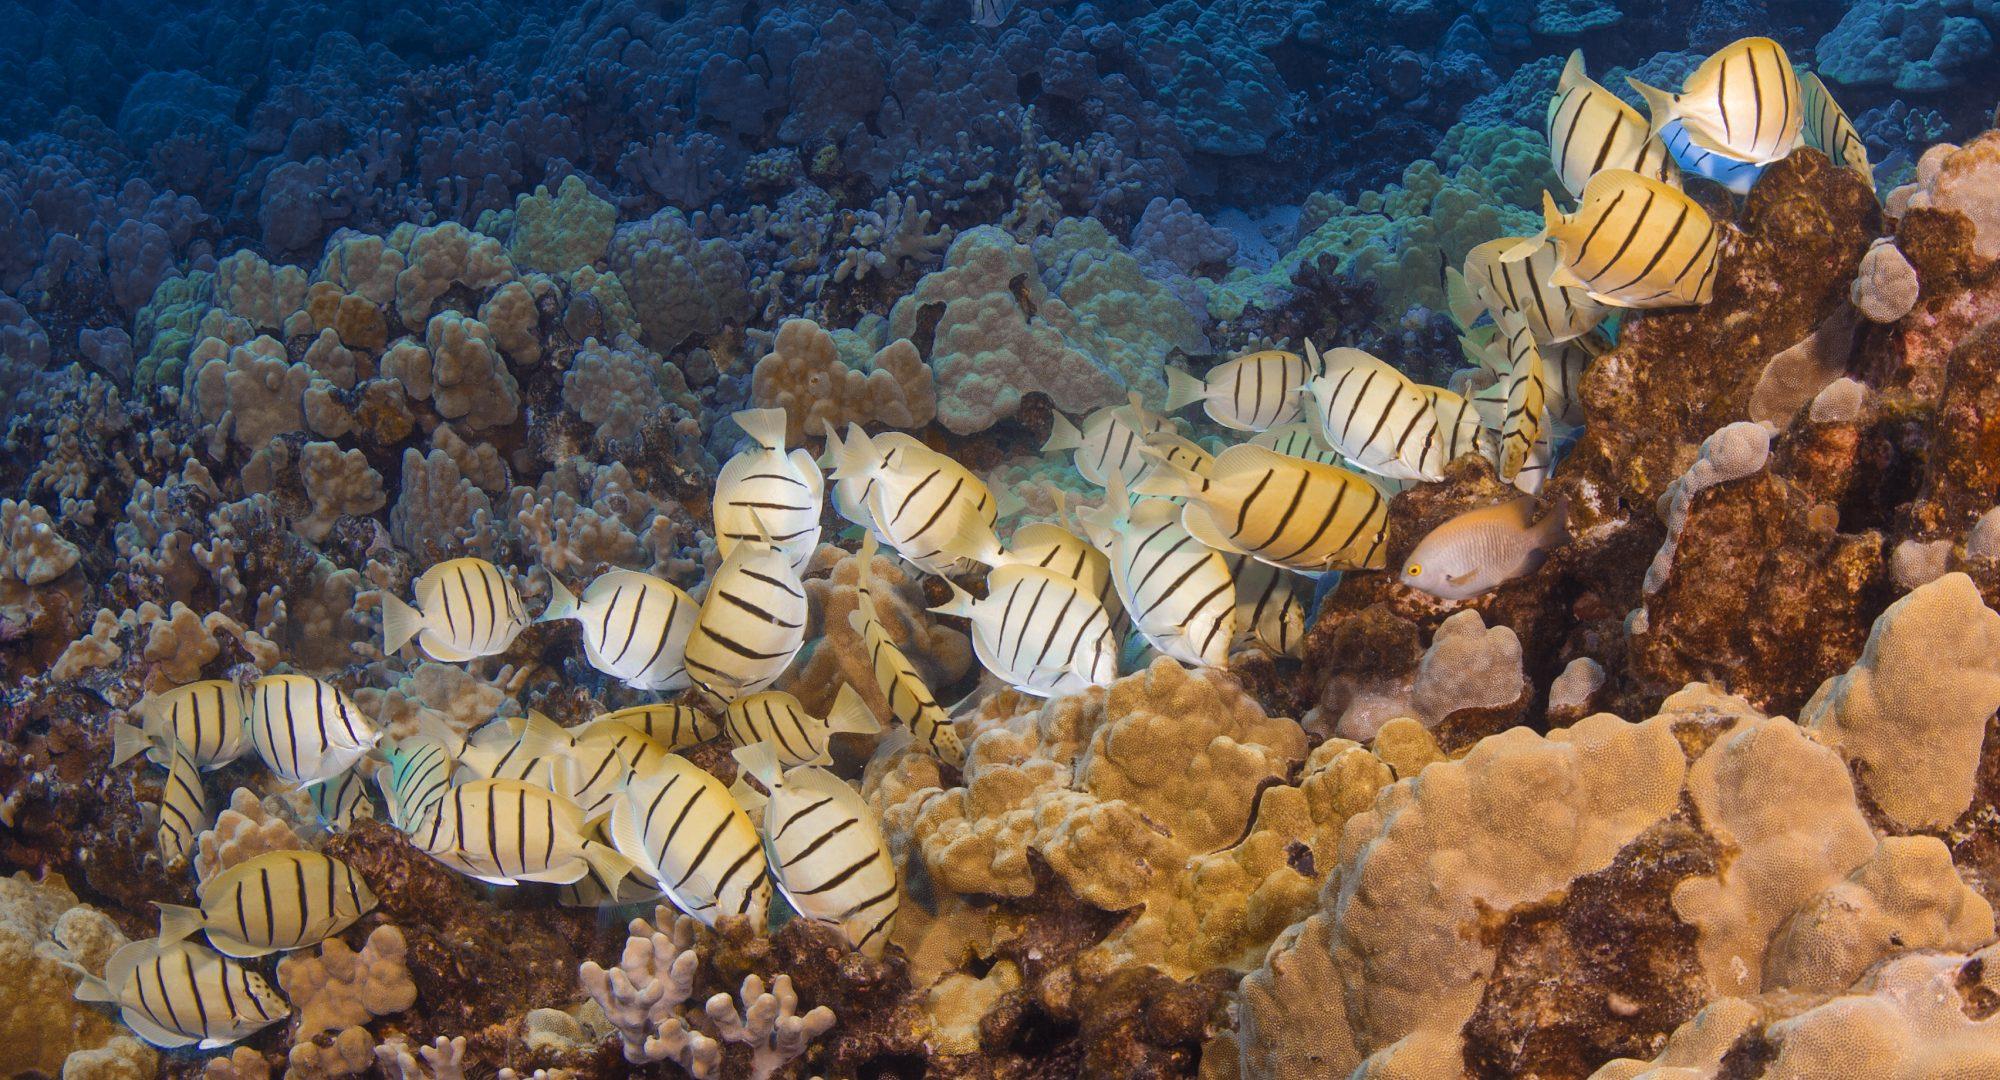 School of Convict Tang on a Hawaiian Reef